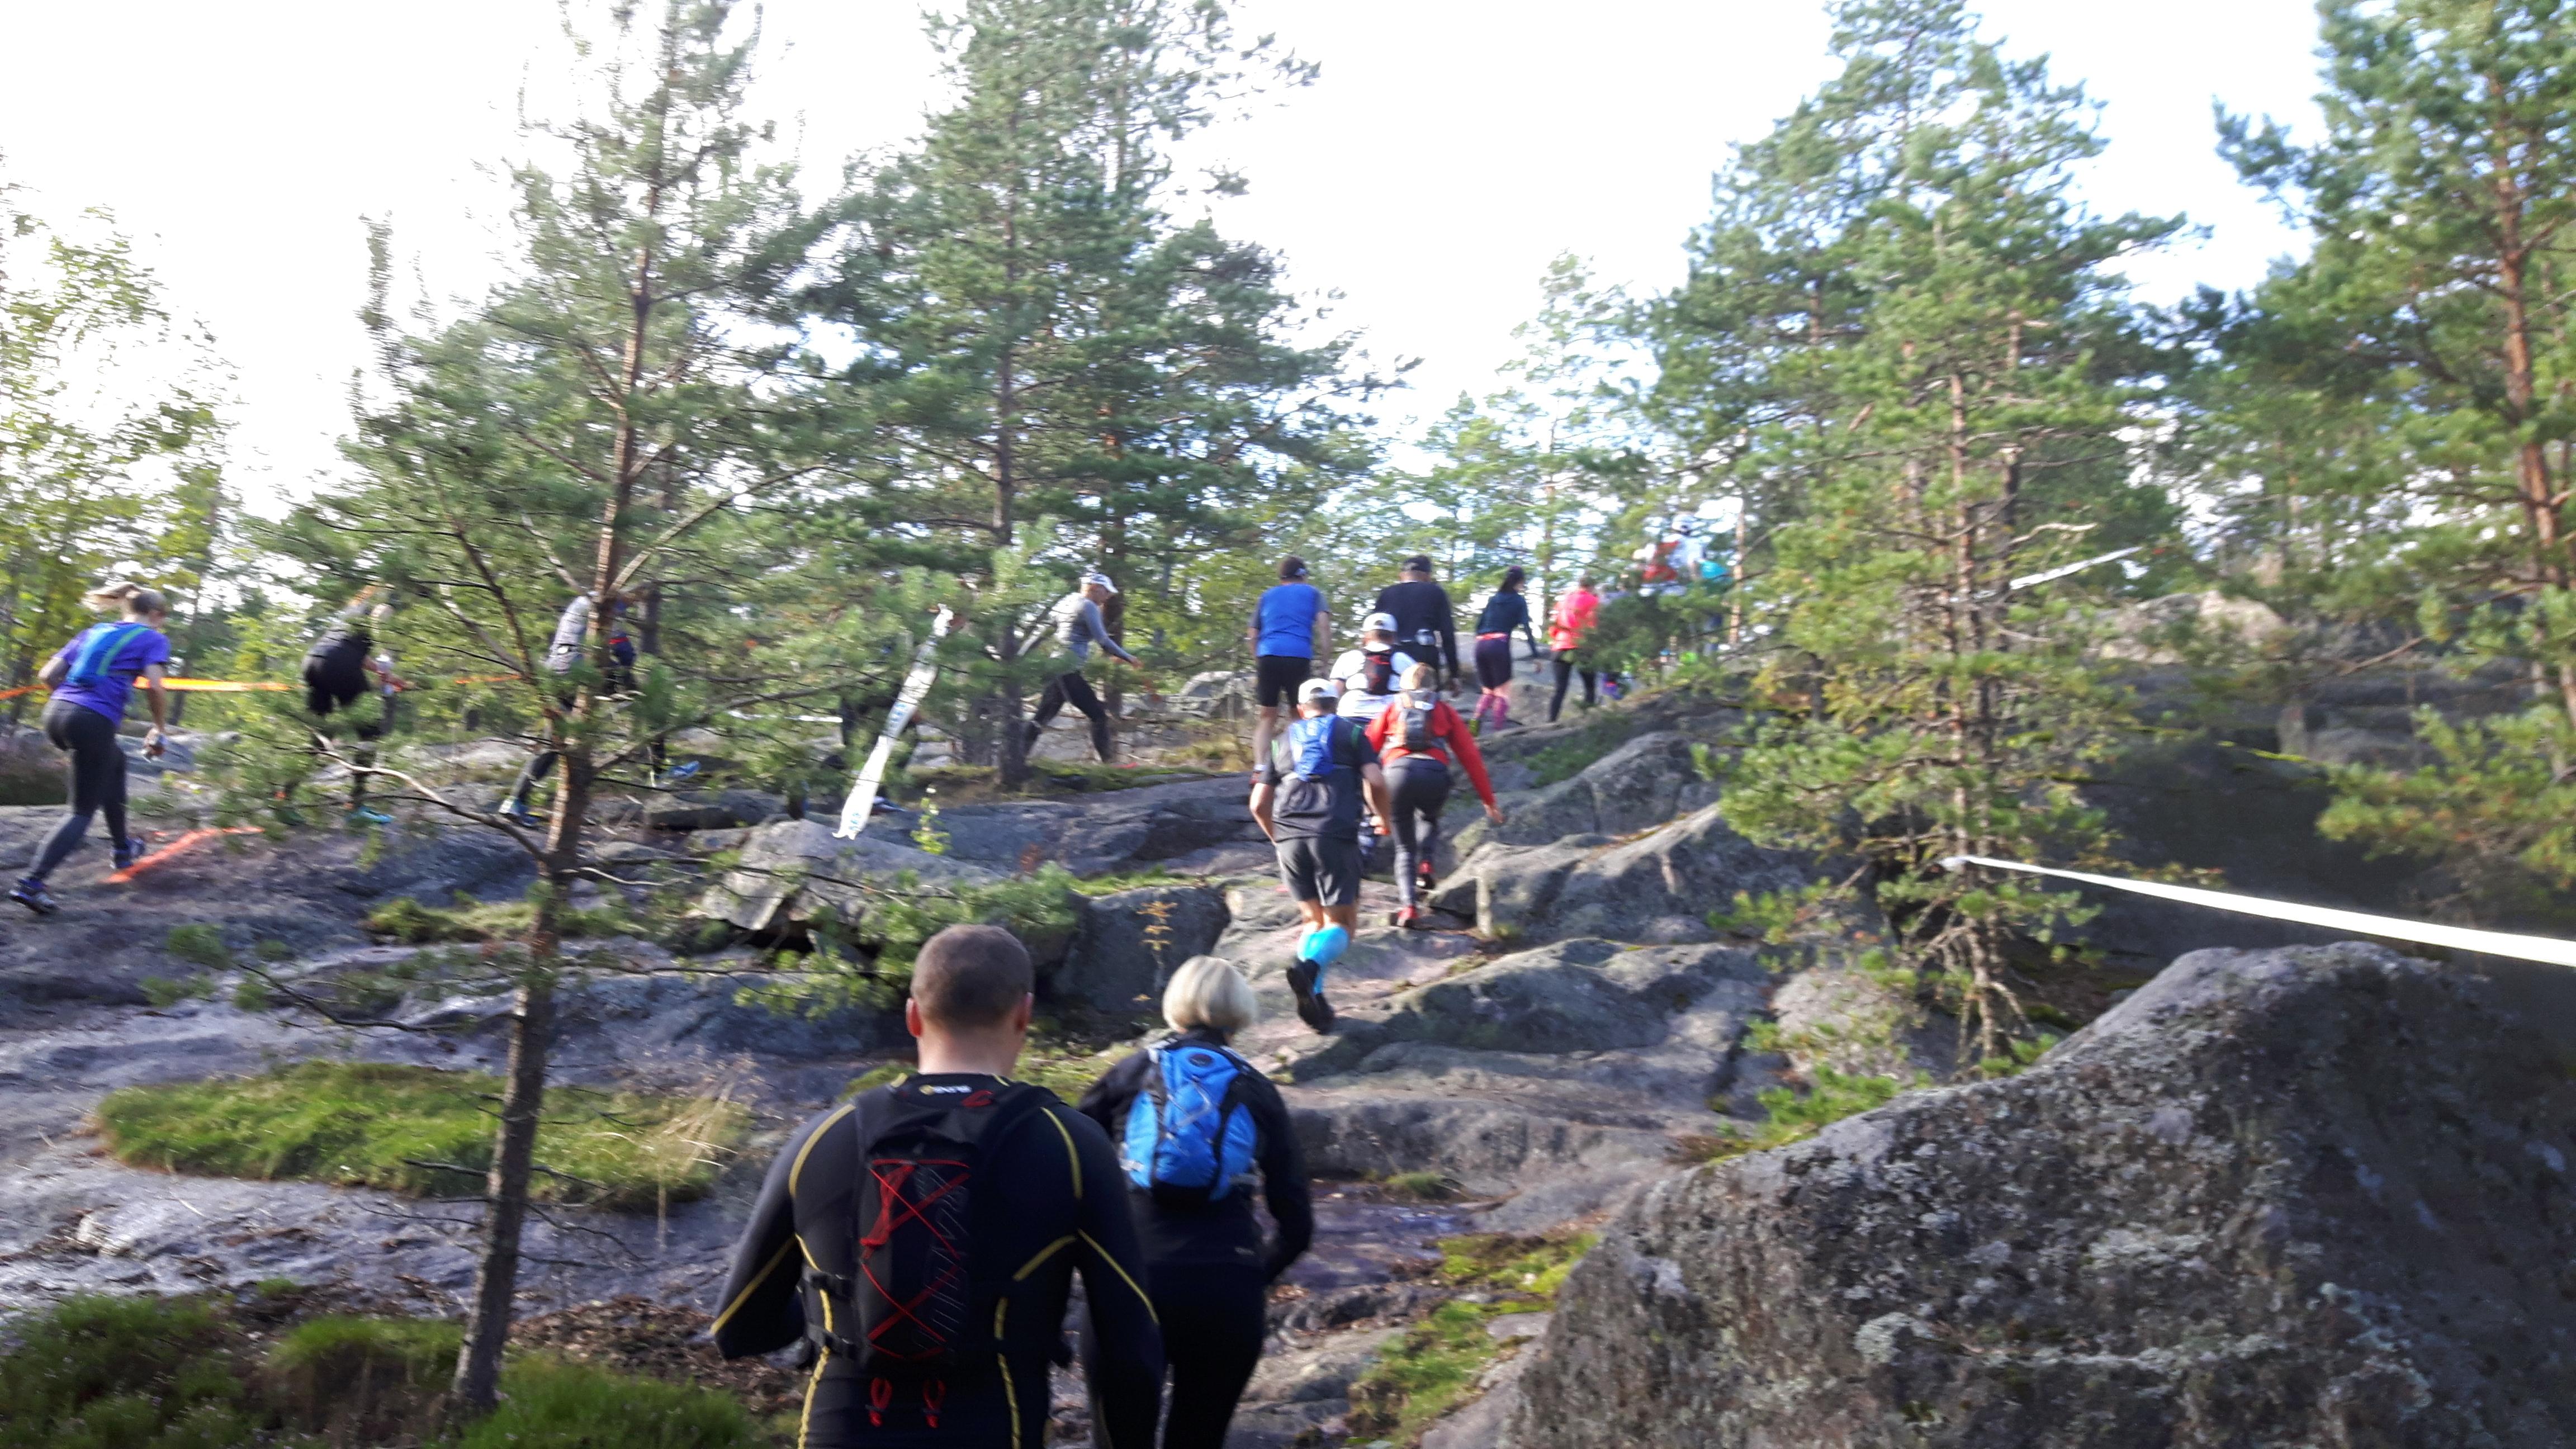 espoo trail run